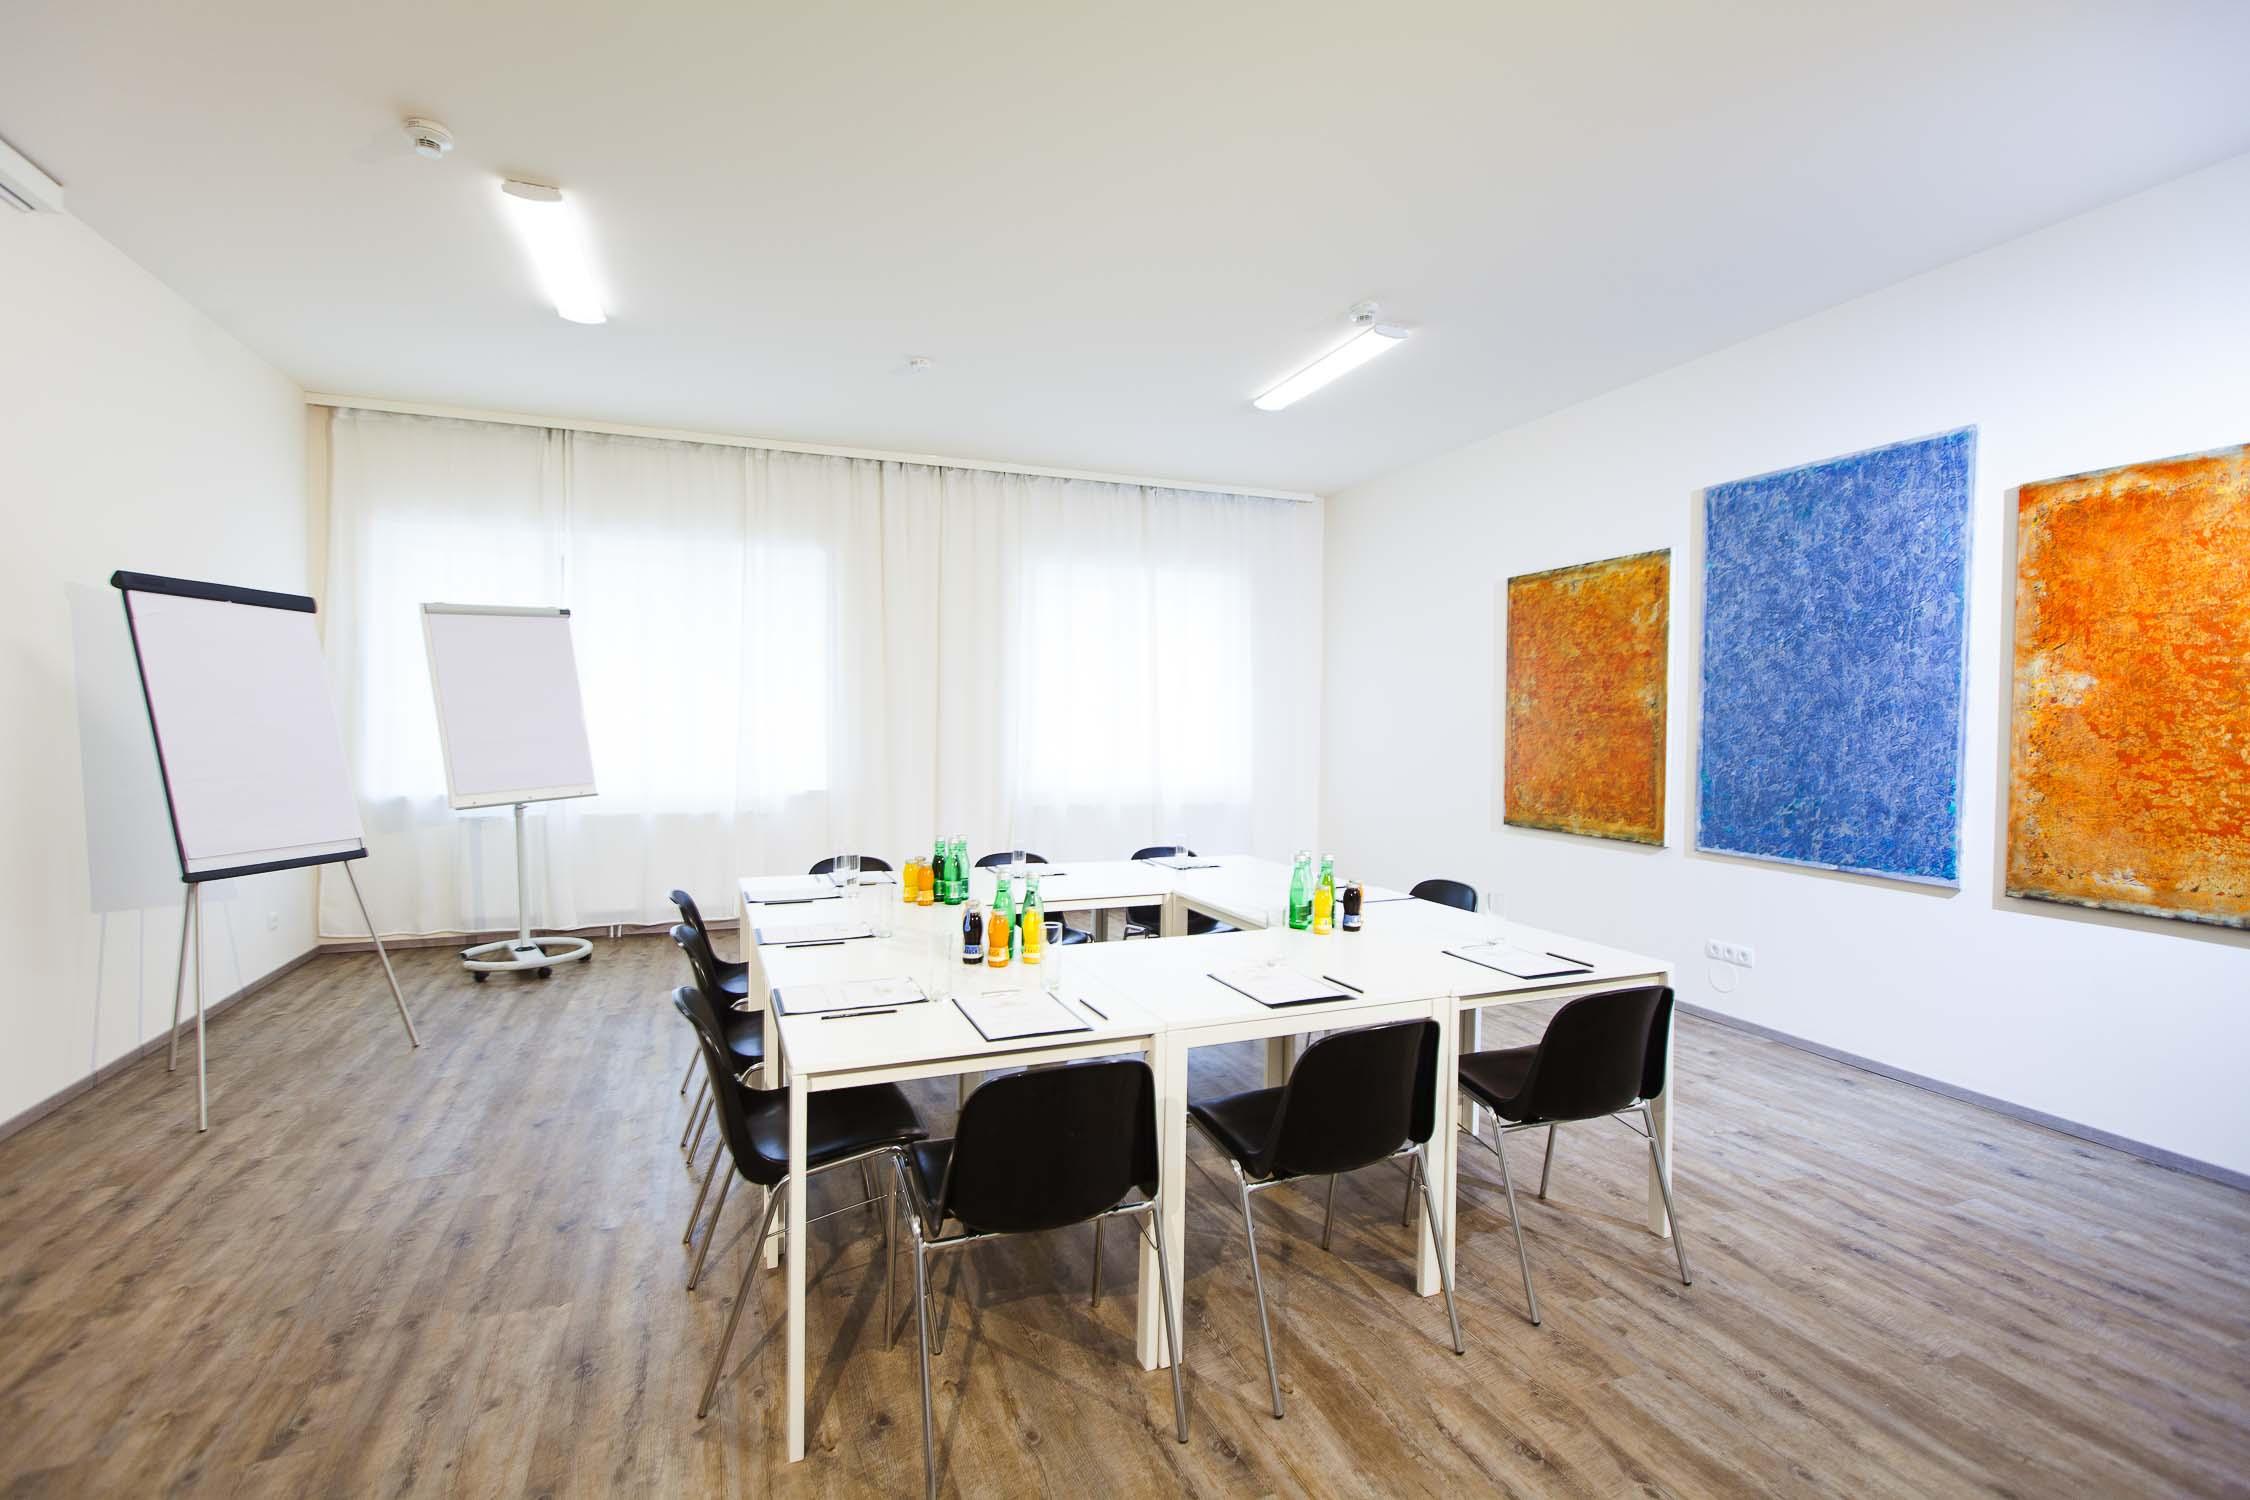 Meetingraum Hotelfotograf Businesshotel Konferenzraum mit Model0737-0107.jpg